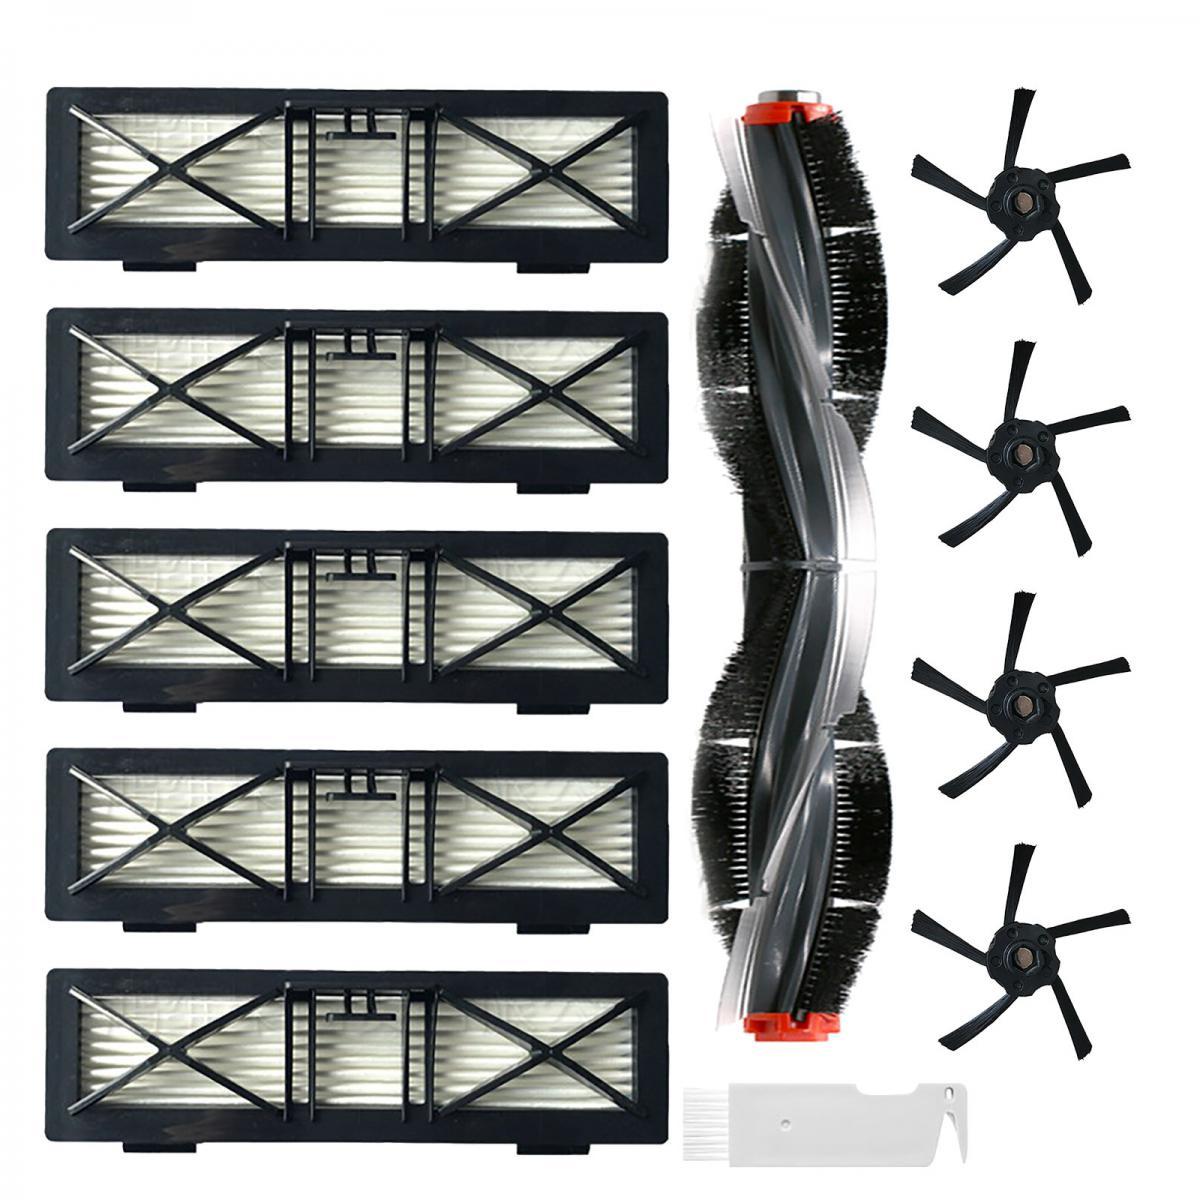 Generic Accessoires de balayeuse pour aspirateur robot Neato 75e 75 80 85 Kit d'accessoires